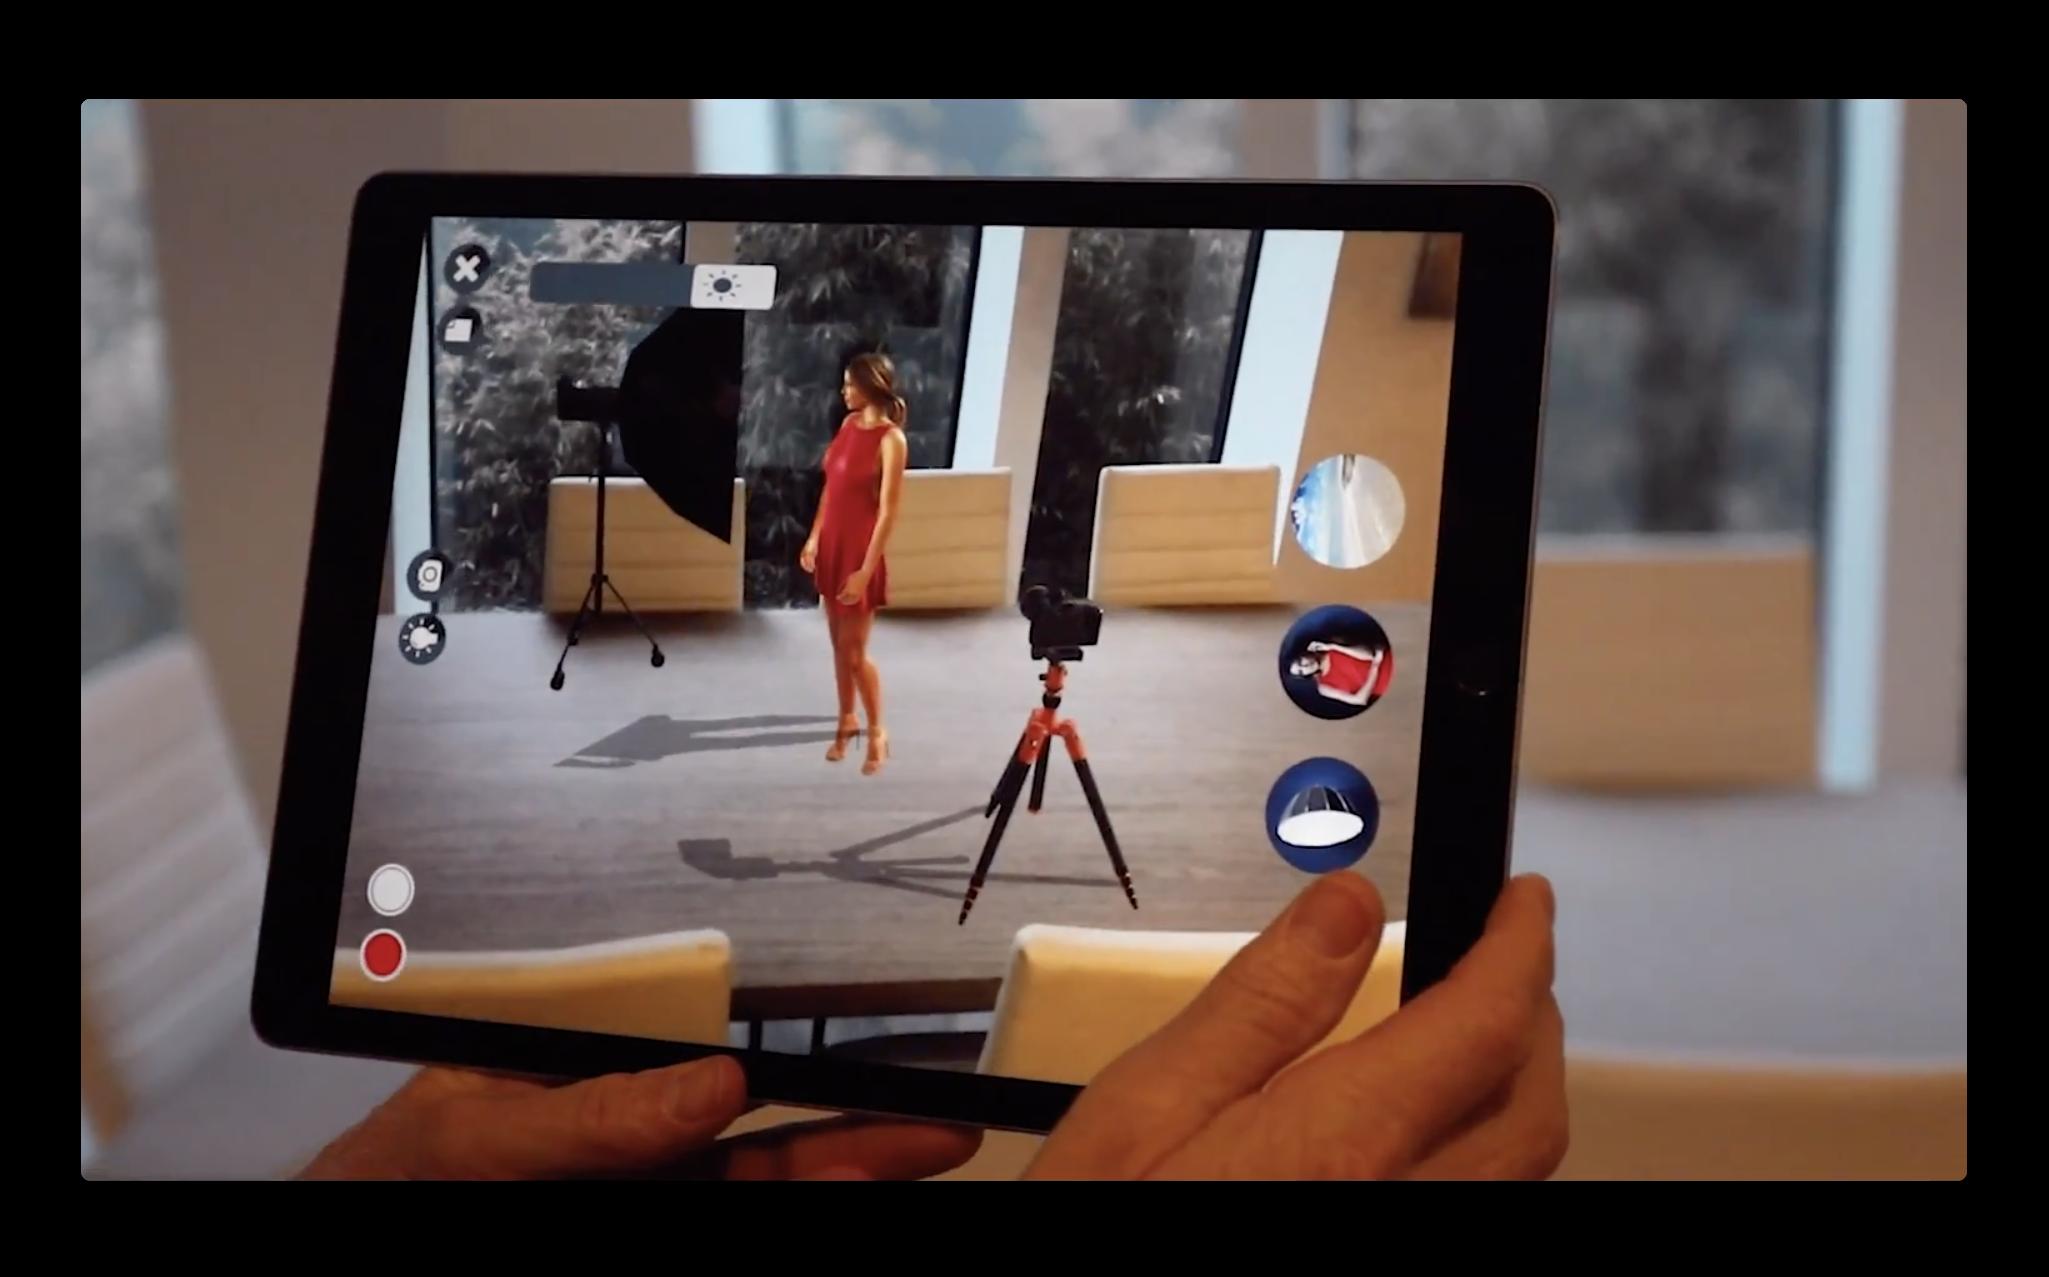 【iOS】仮想写真スタジオを再現するARアプリ「Photo Studio – AR」